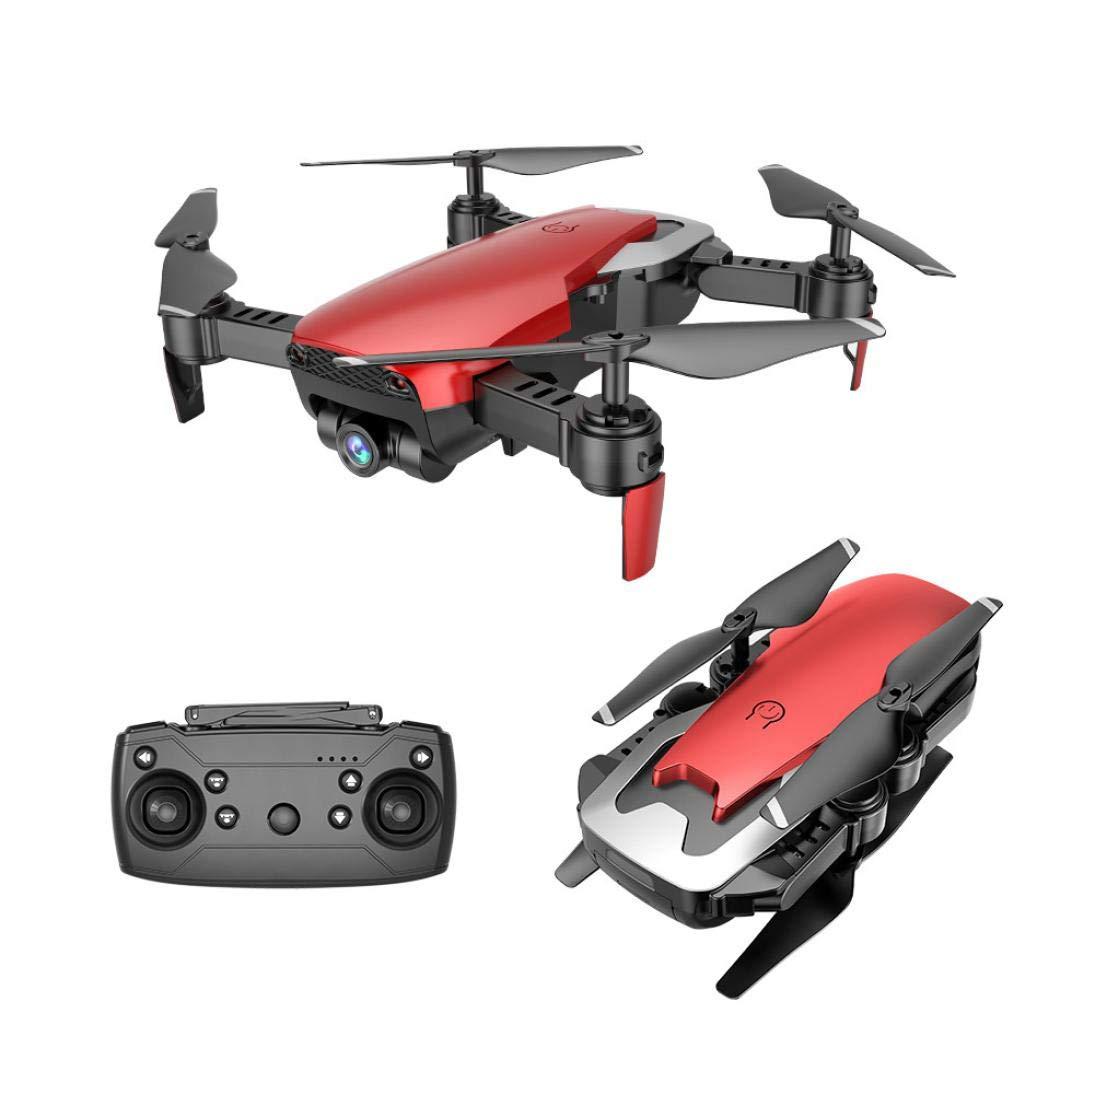 Kingko® X12 Drone 720P Weitwinkel-Kamera WiFi FPV 2.4G EIN Schlüssel Return Quadcopter Kopflos-Modus / Höhe-halten / einfach zu kontrollieren Sechs Achsen Gyroskop (rot)